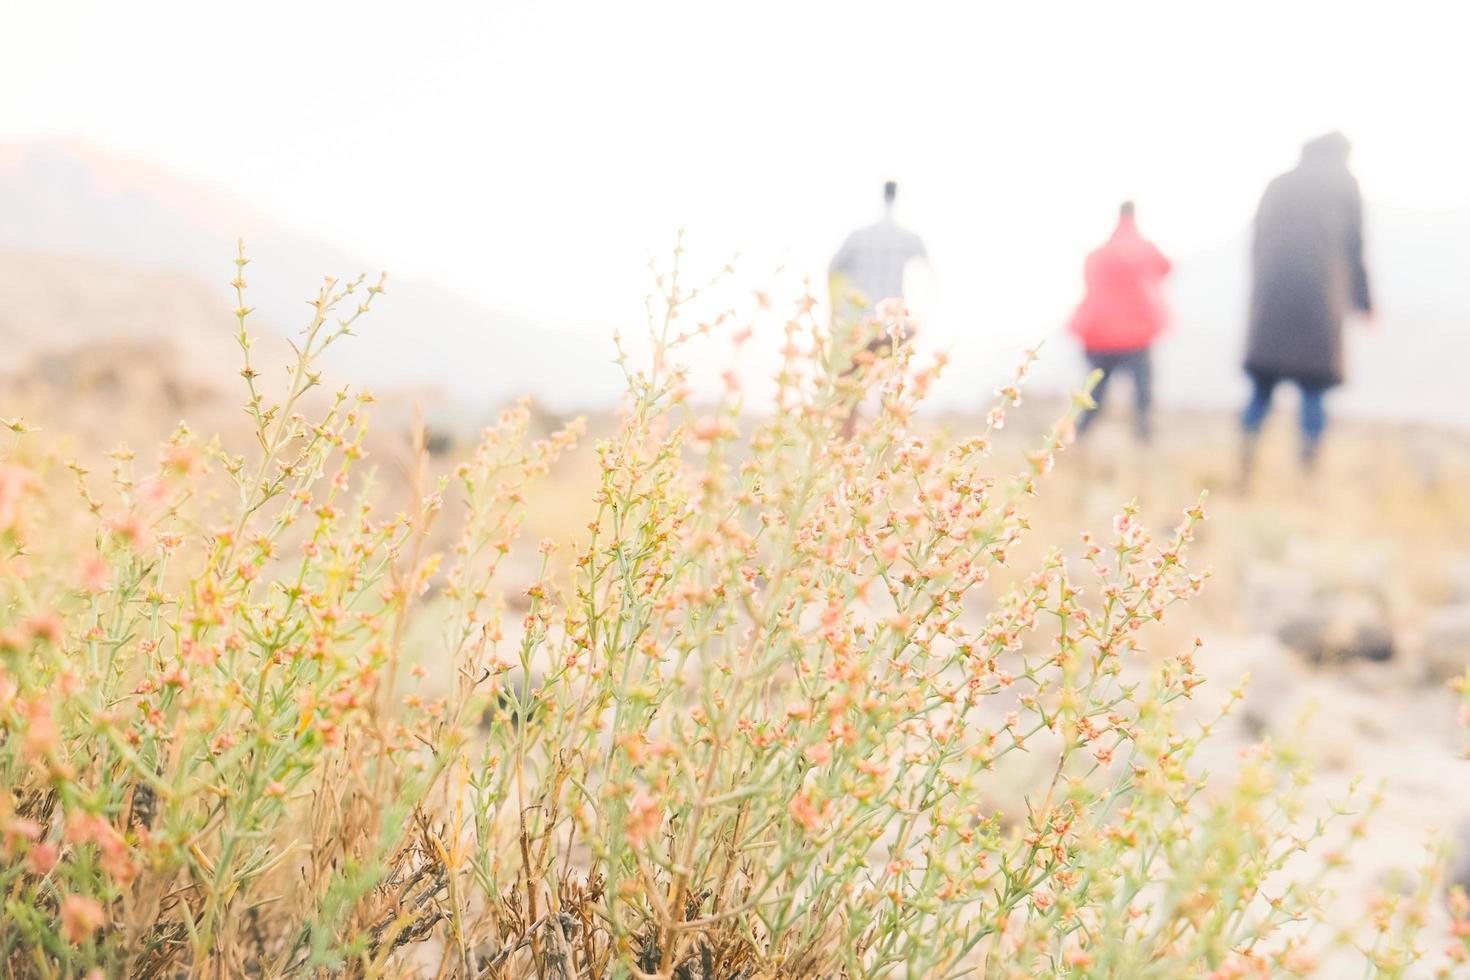 un cespuglio di piccoli fiori selvatici in prato foto